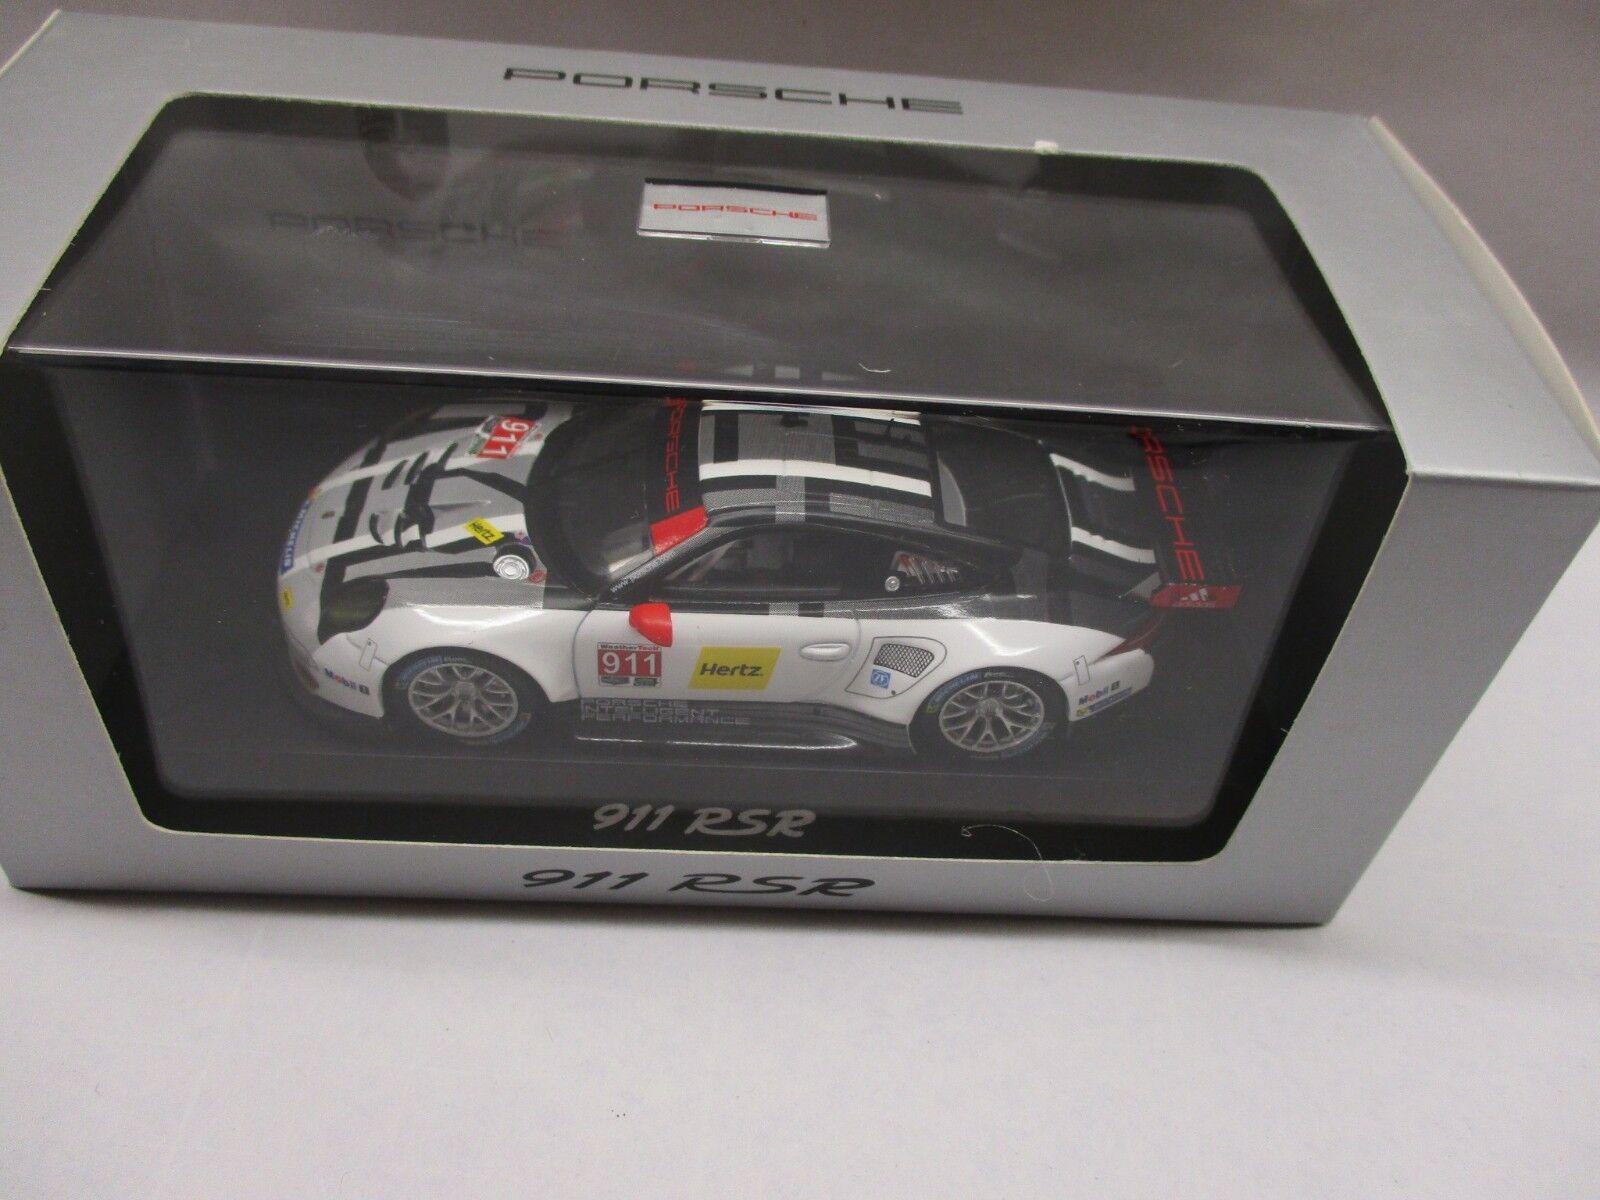 911 RSR  1 43 Porsche WAP 020 148 OH  Neu  | Outlet Online